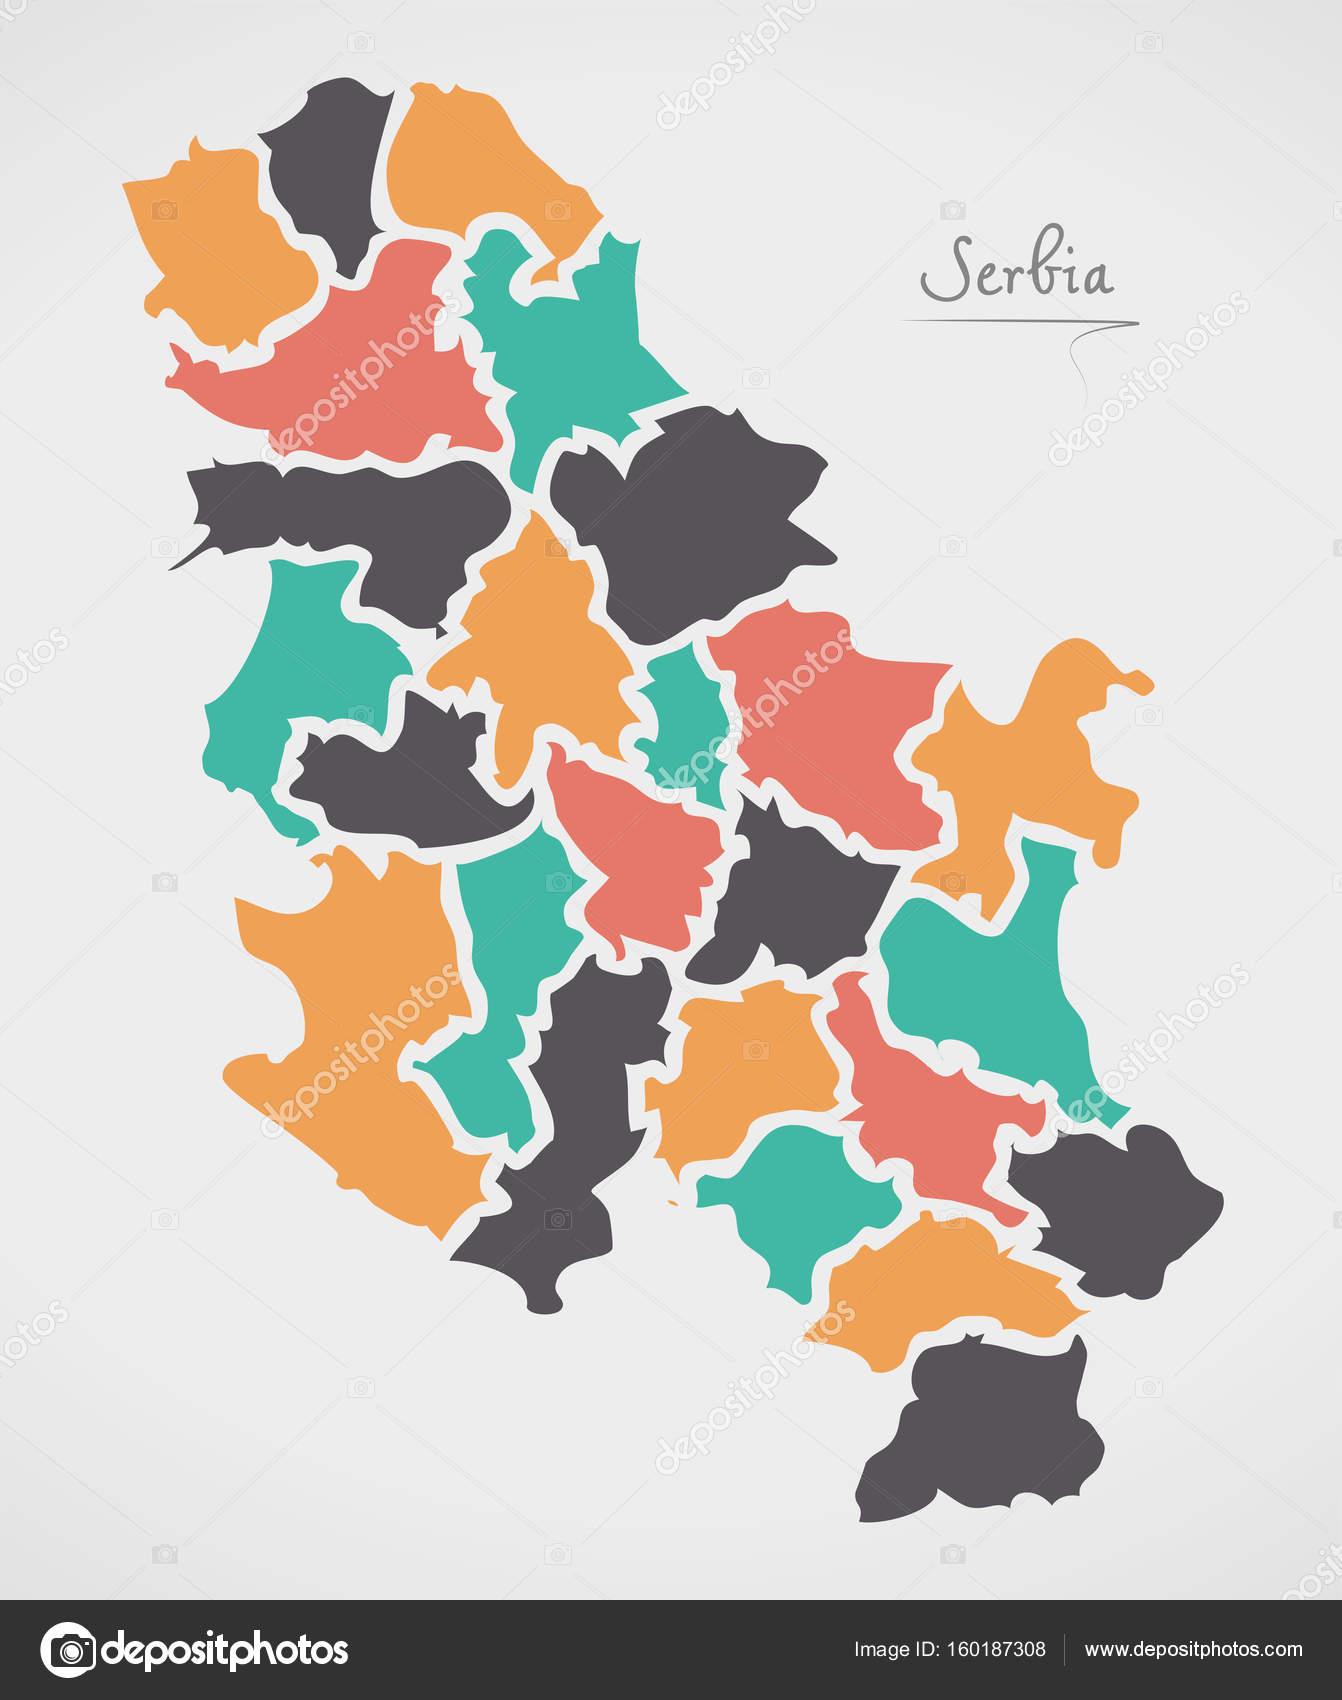 Serbien-Karte mit Staaten und moderne Runde Formen — Stockvektor ...